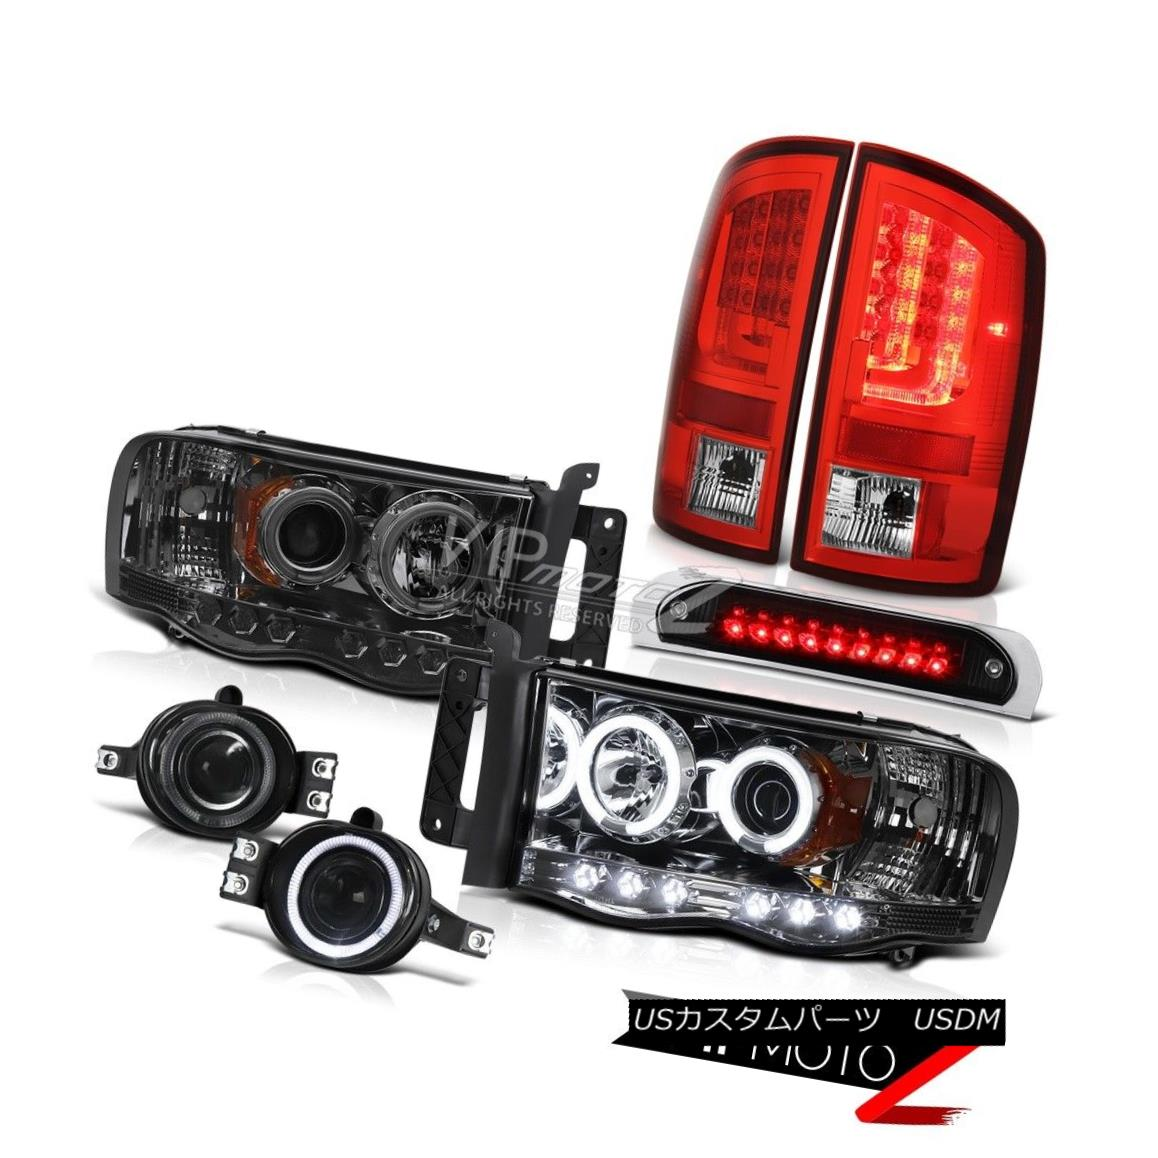 ヘッドライト 02-05 Dodge Ram 1500 1500 4.7L Tail Lamps 3RD Brake Light Headlamps Fog Lights 02-05 Dodge Ram 1500 1500 4.7Lテールランプ3RDブレーキライトヘッドランプフォグライト